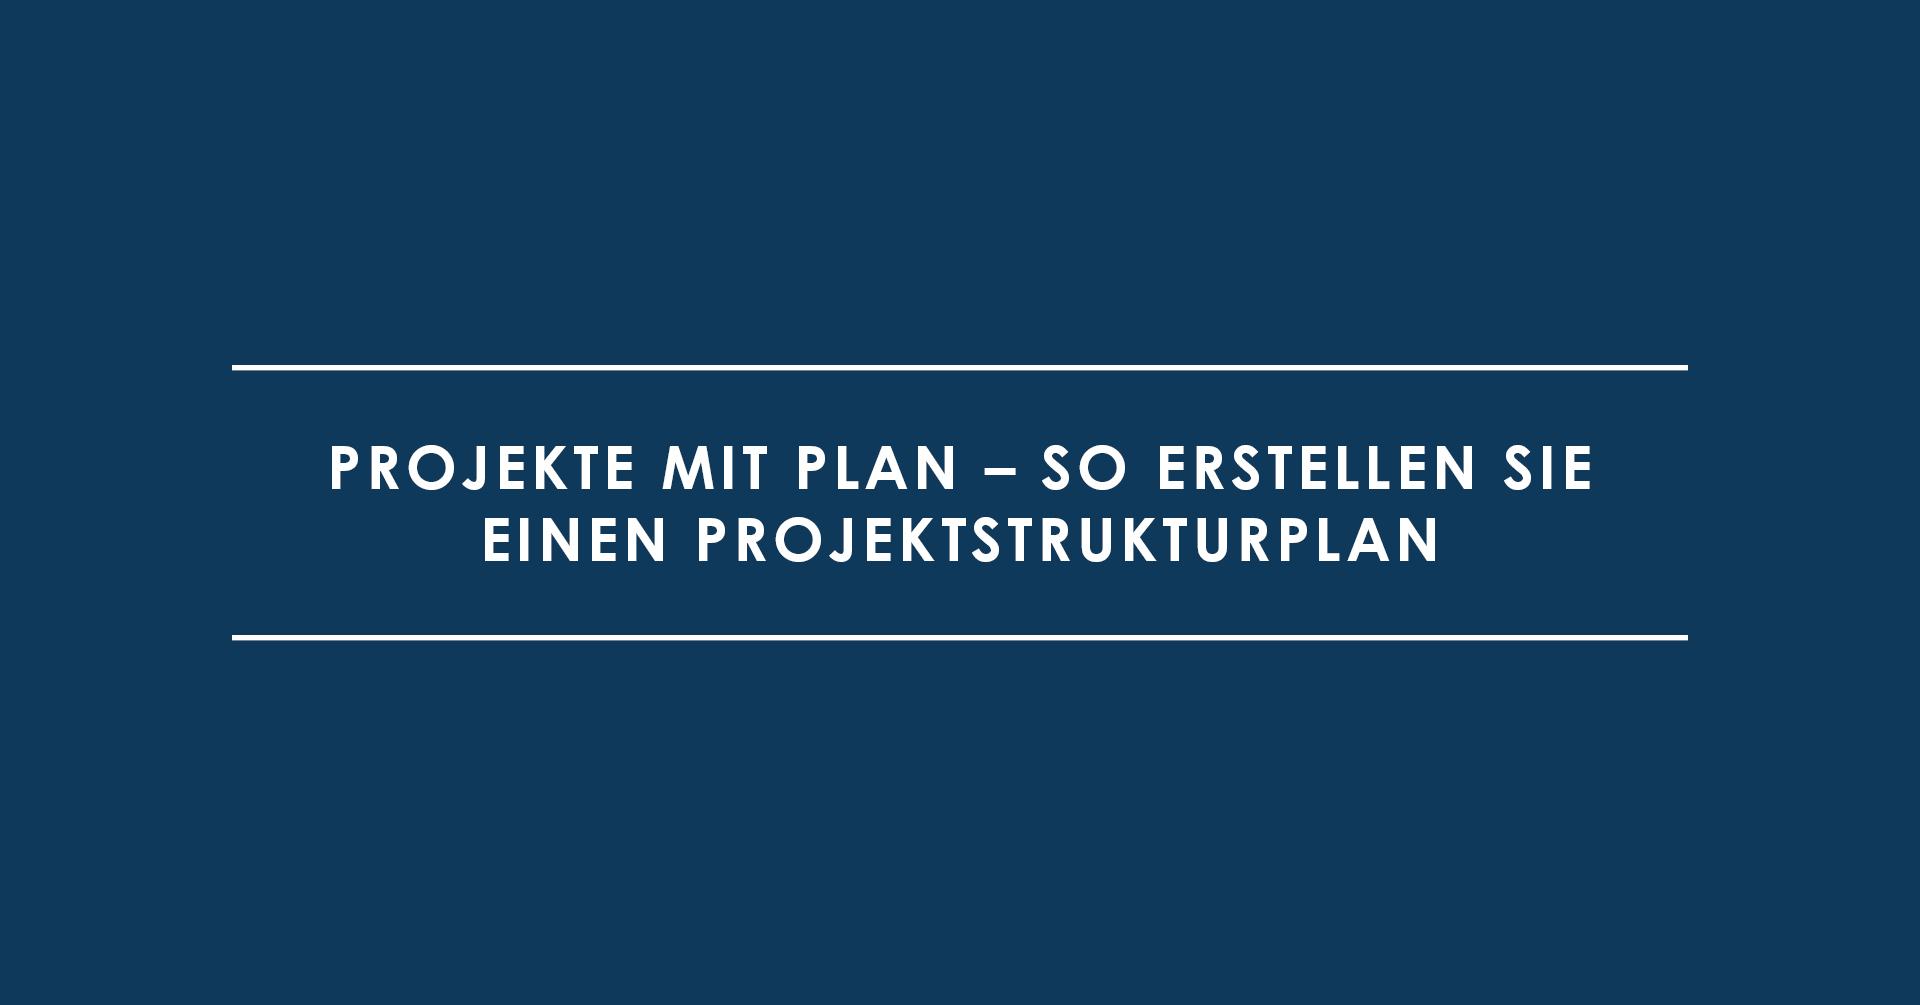 Projekte mit Plan – So erstellen Sie einen Projektstrukturplan